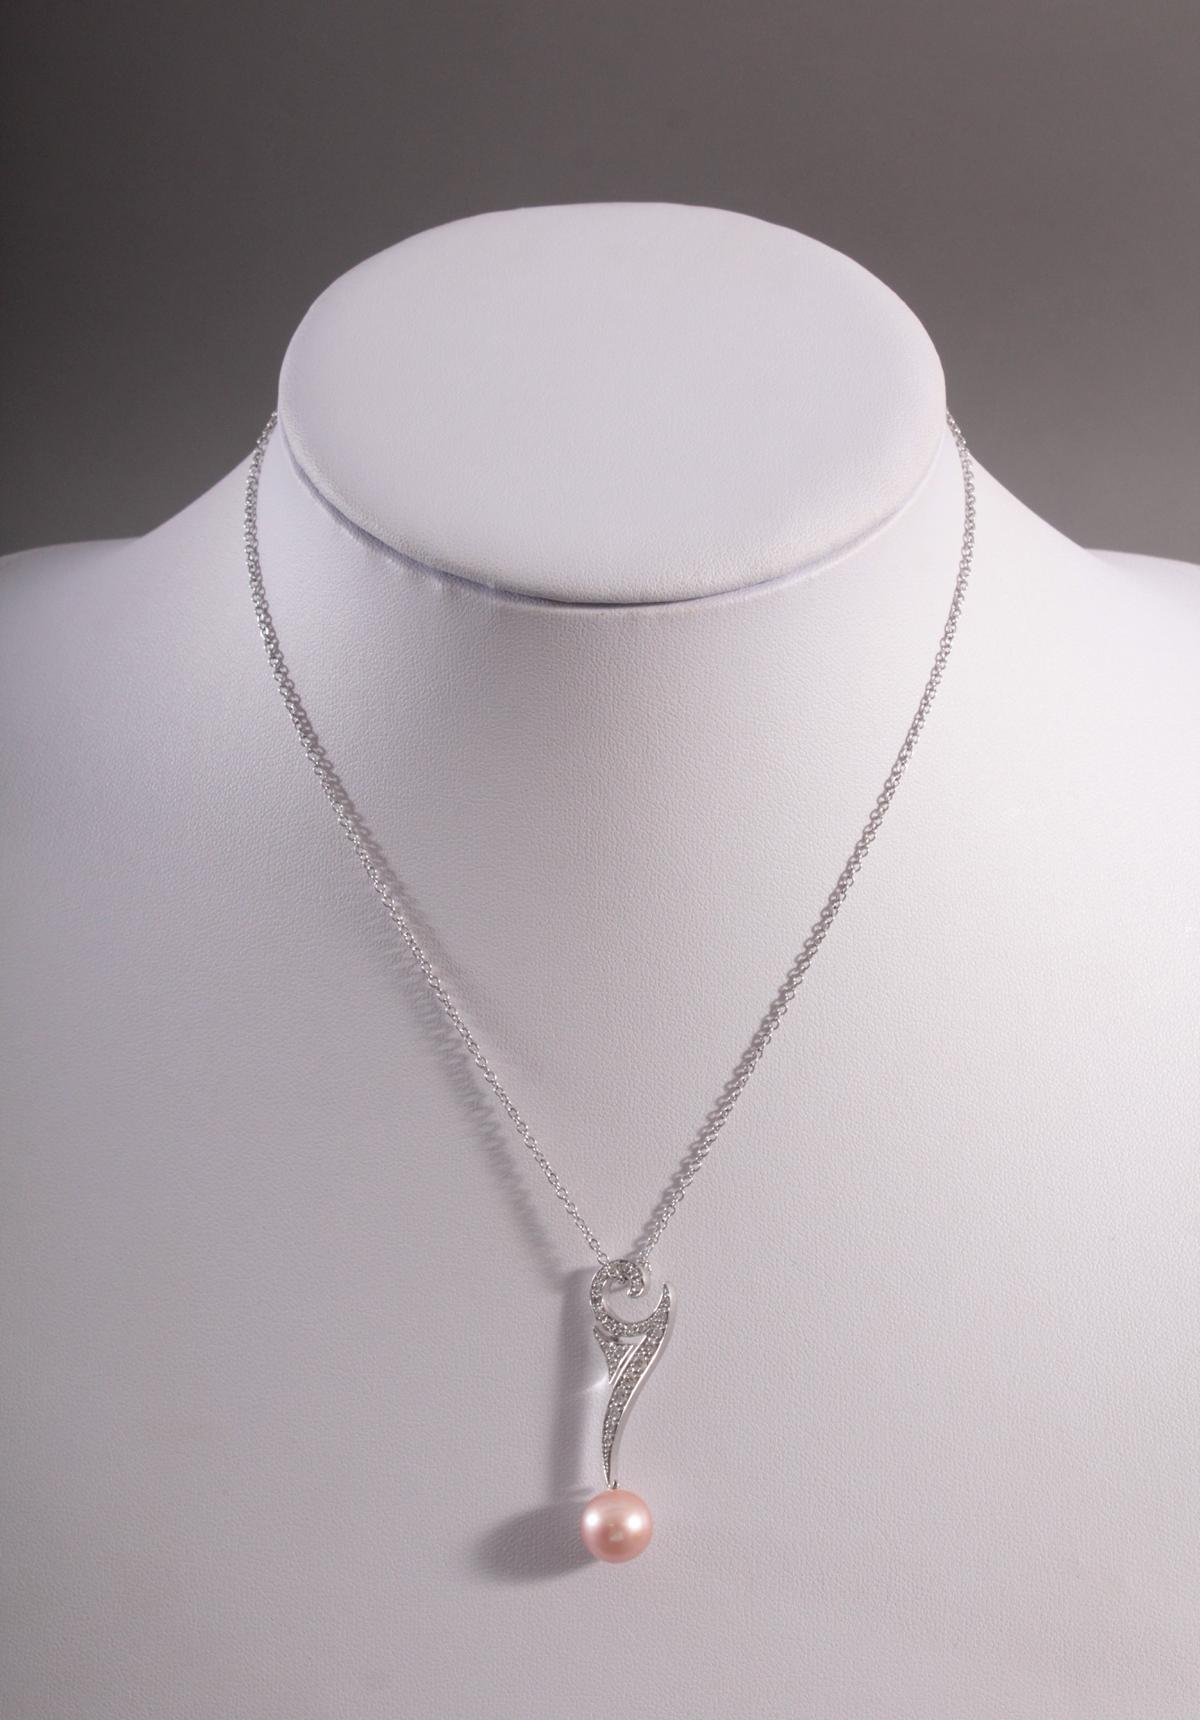 Halskette mit Anhänger, Diamanten und rosafarbener Perle aus 18 Karat Weißgold, Schoeffel